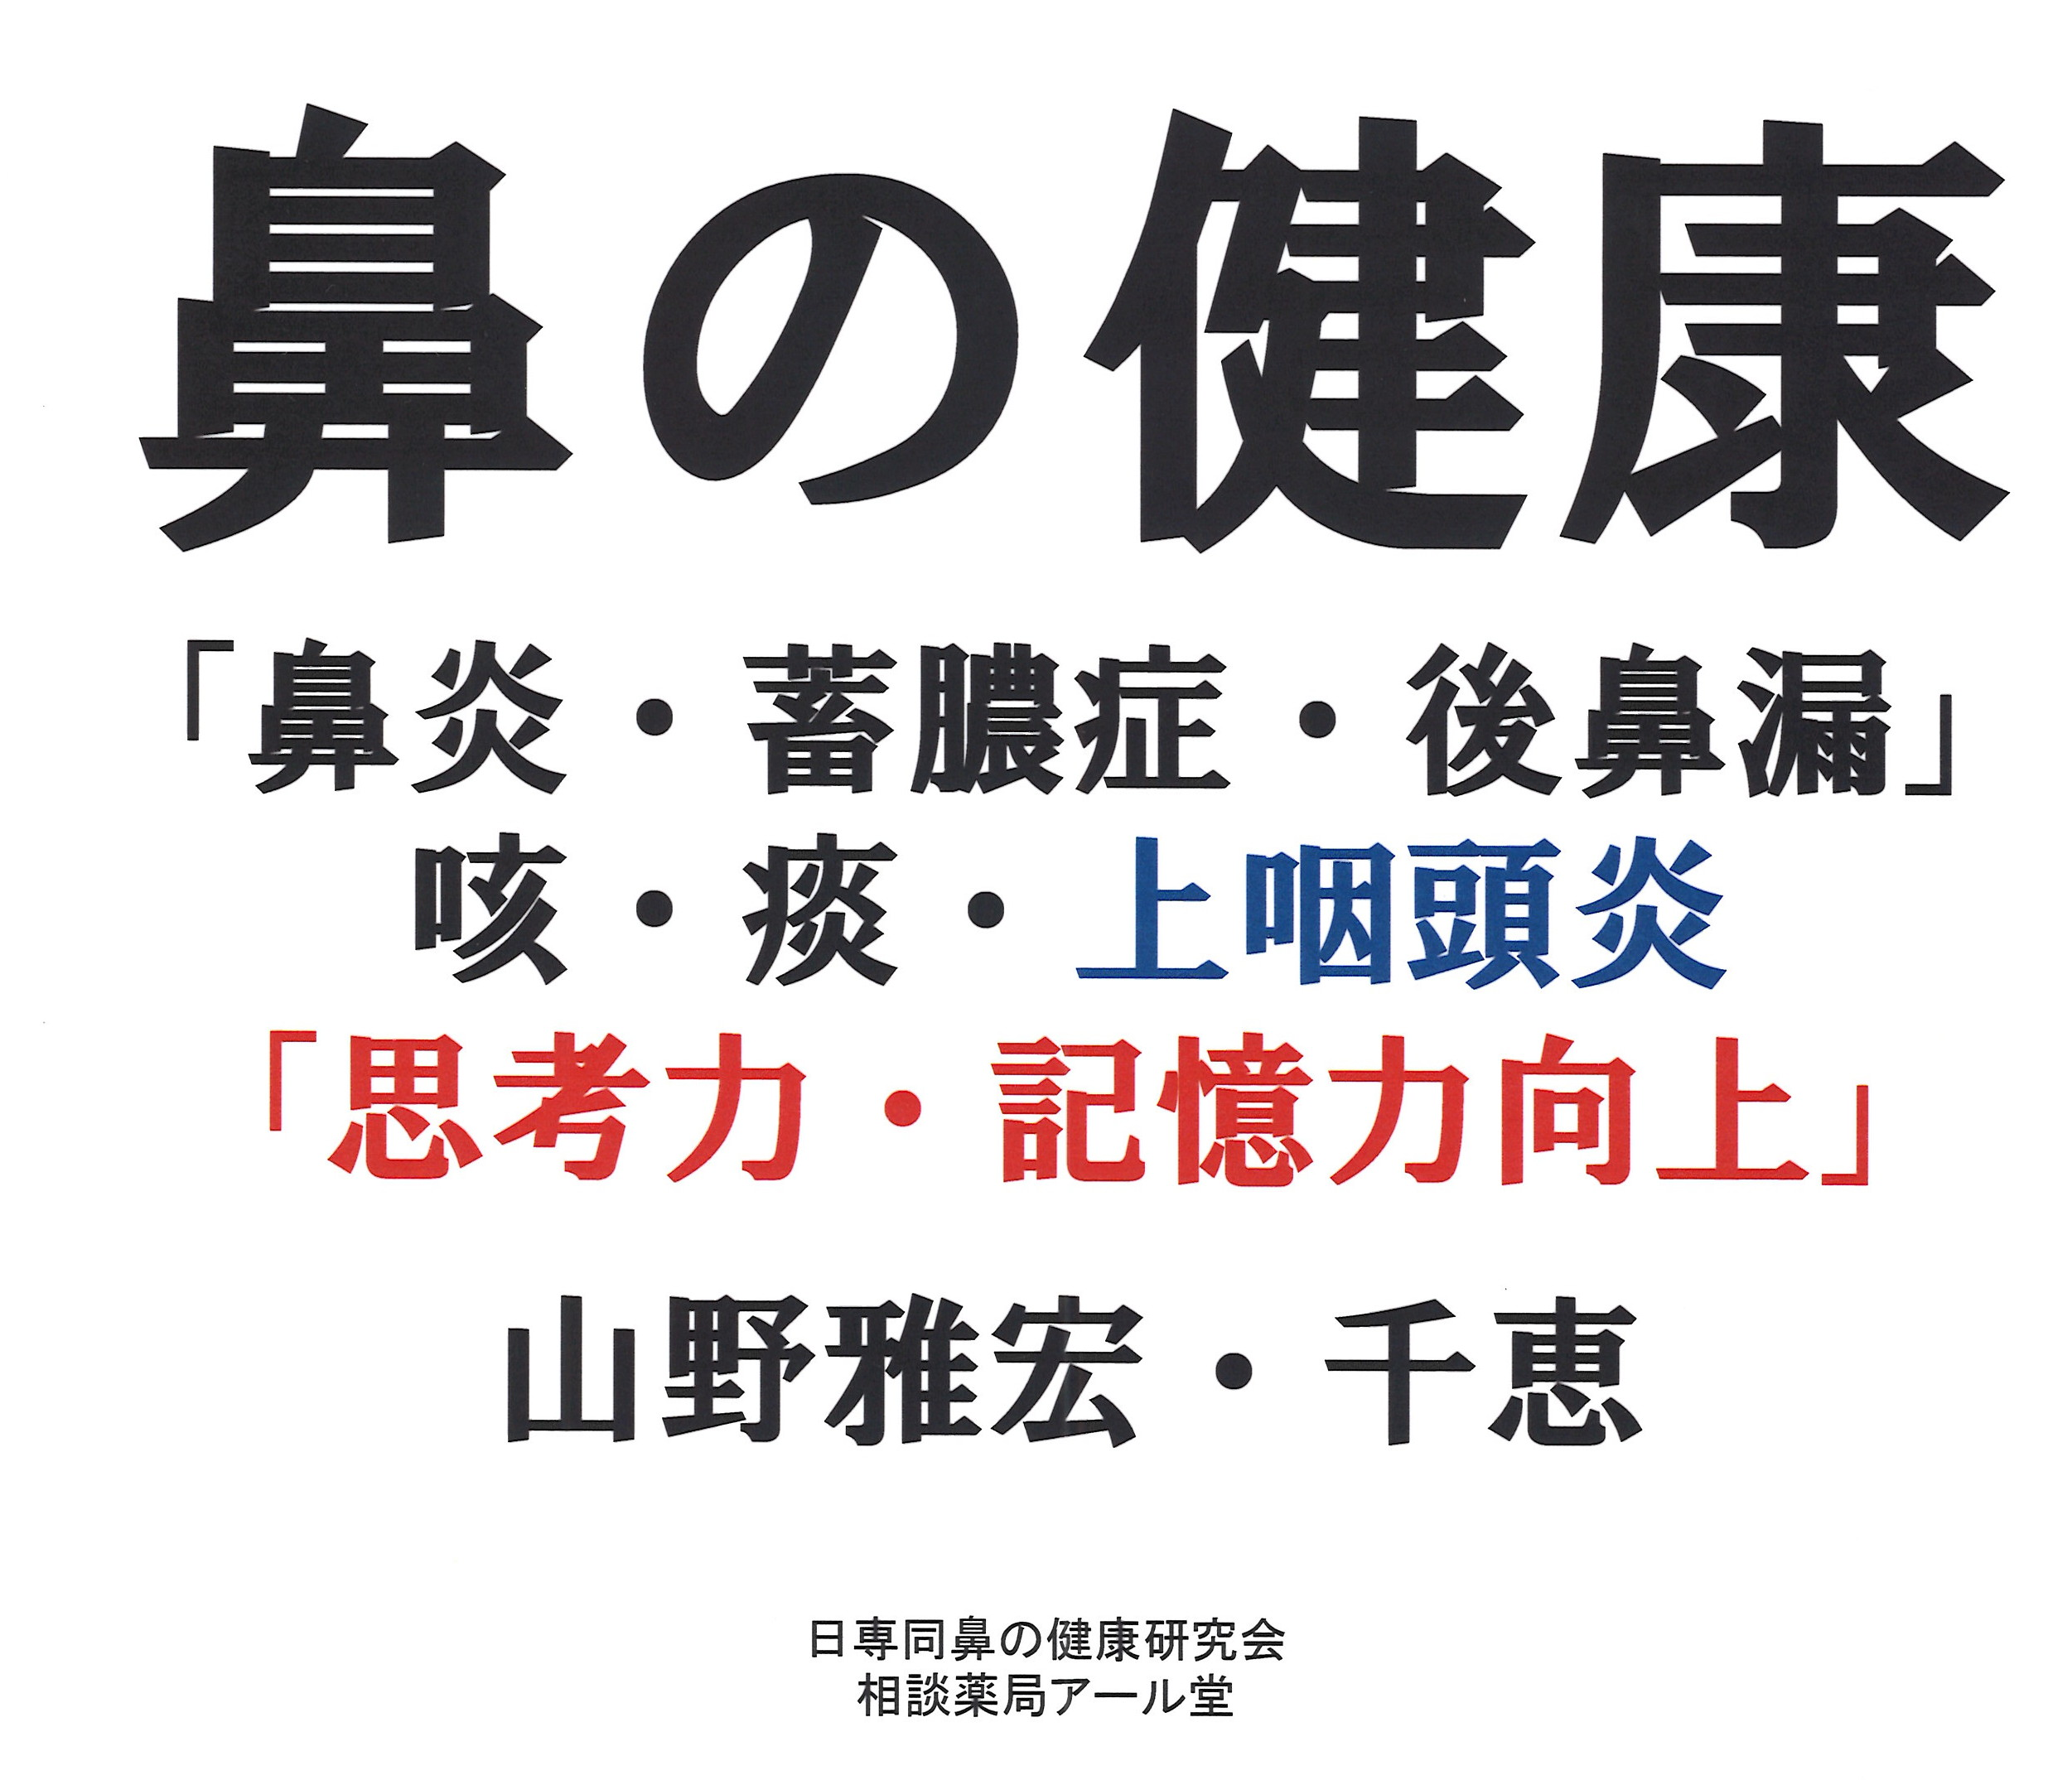 20150325-20150325110211_00001.jpg